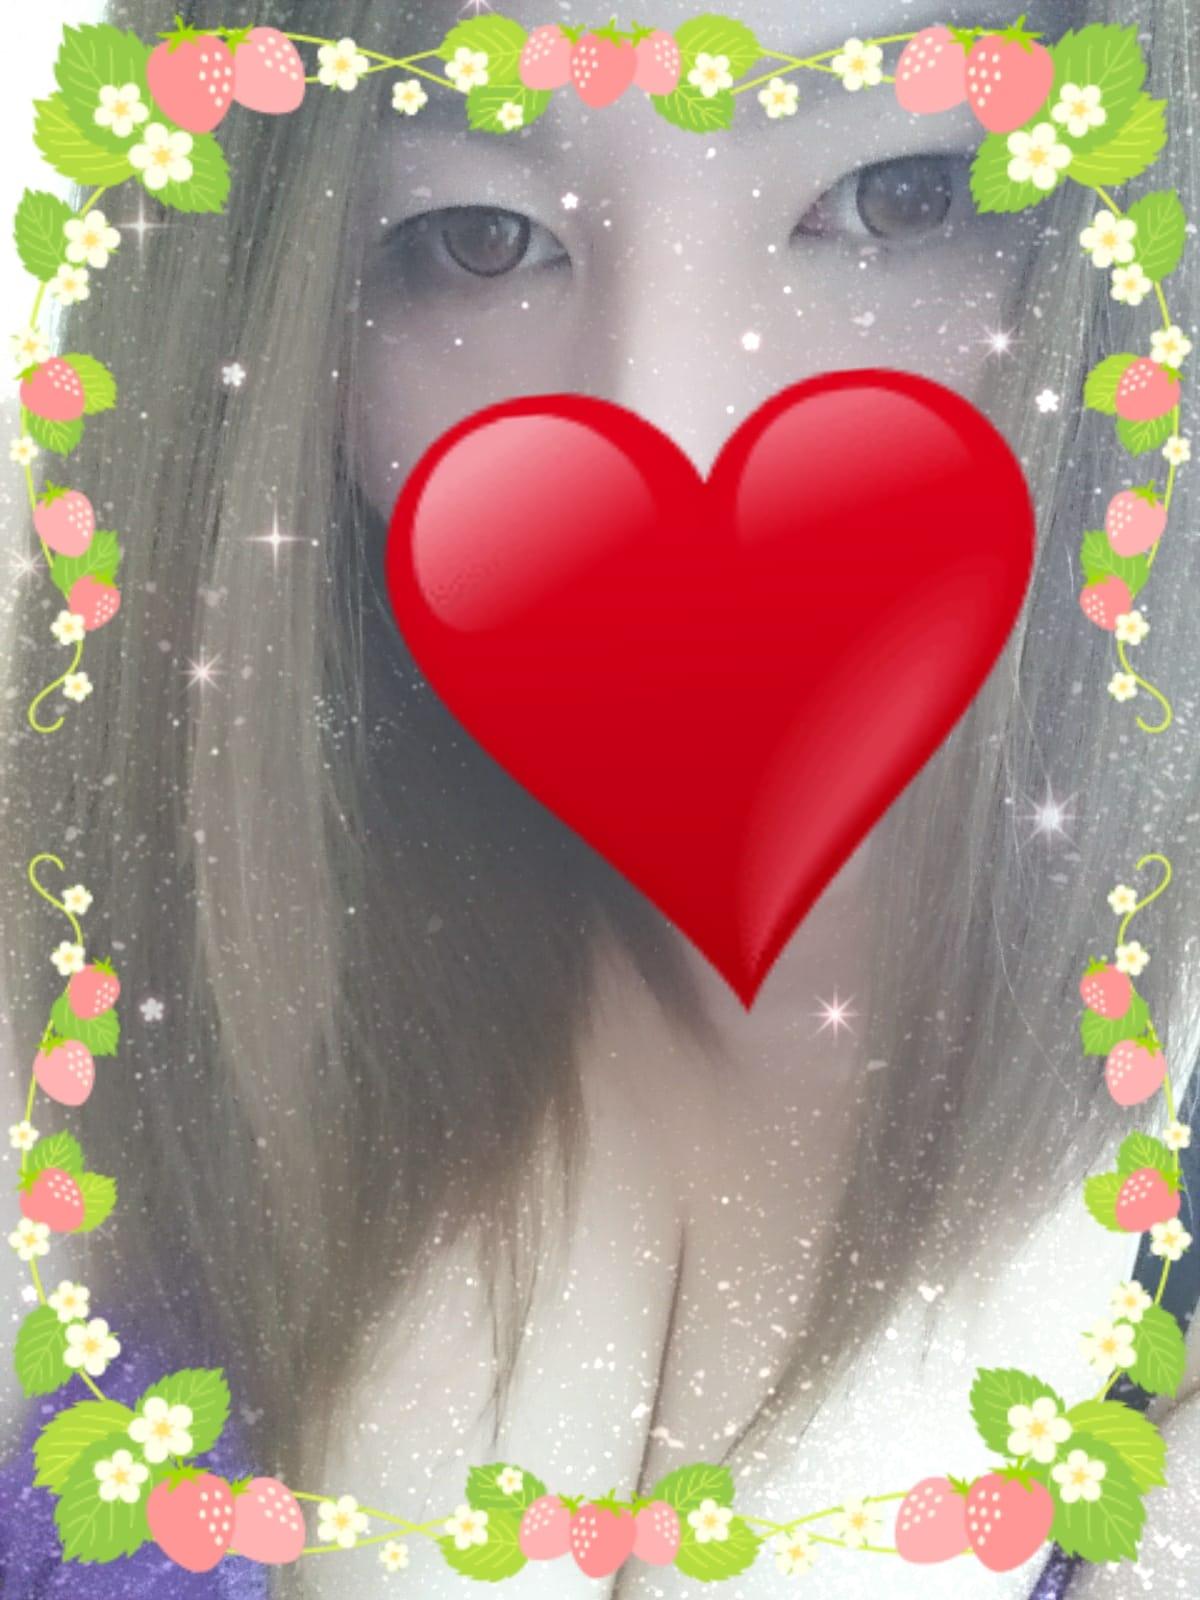 「お礼♡」04/29(04/29) 04:21 | ゆあら(新人)の写メ・風俗動画